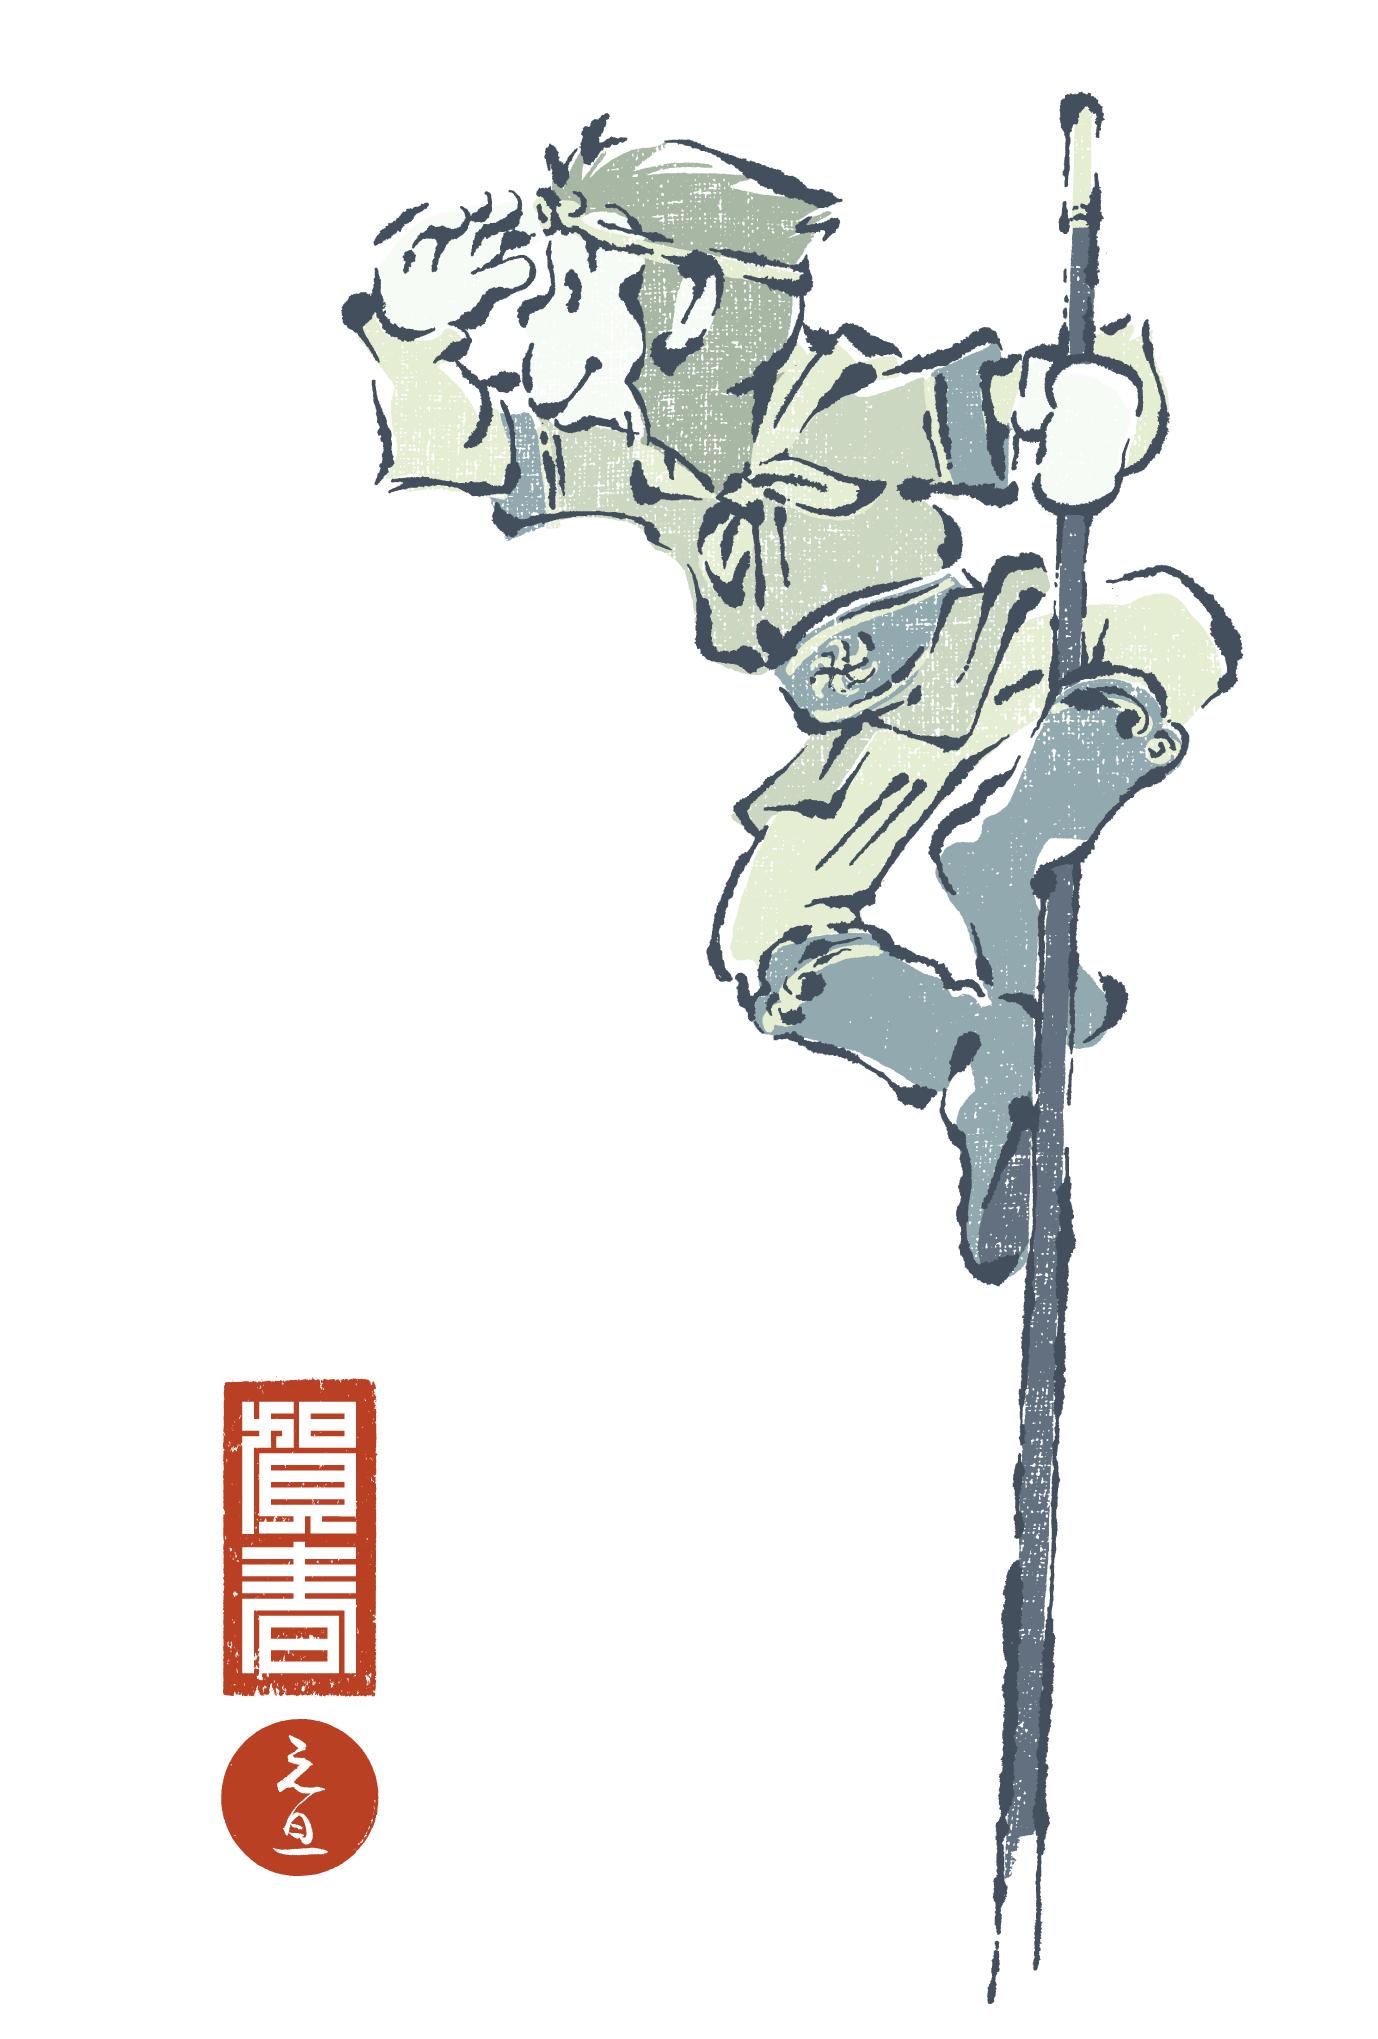 2016年賀状18-2:孫悟空(賀春単色)/ redrawのダウンロード画像